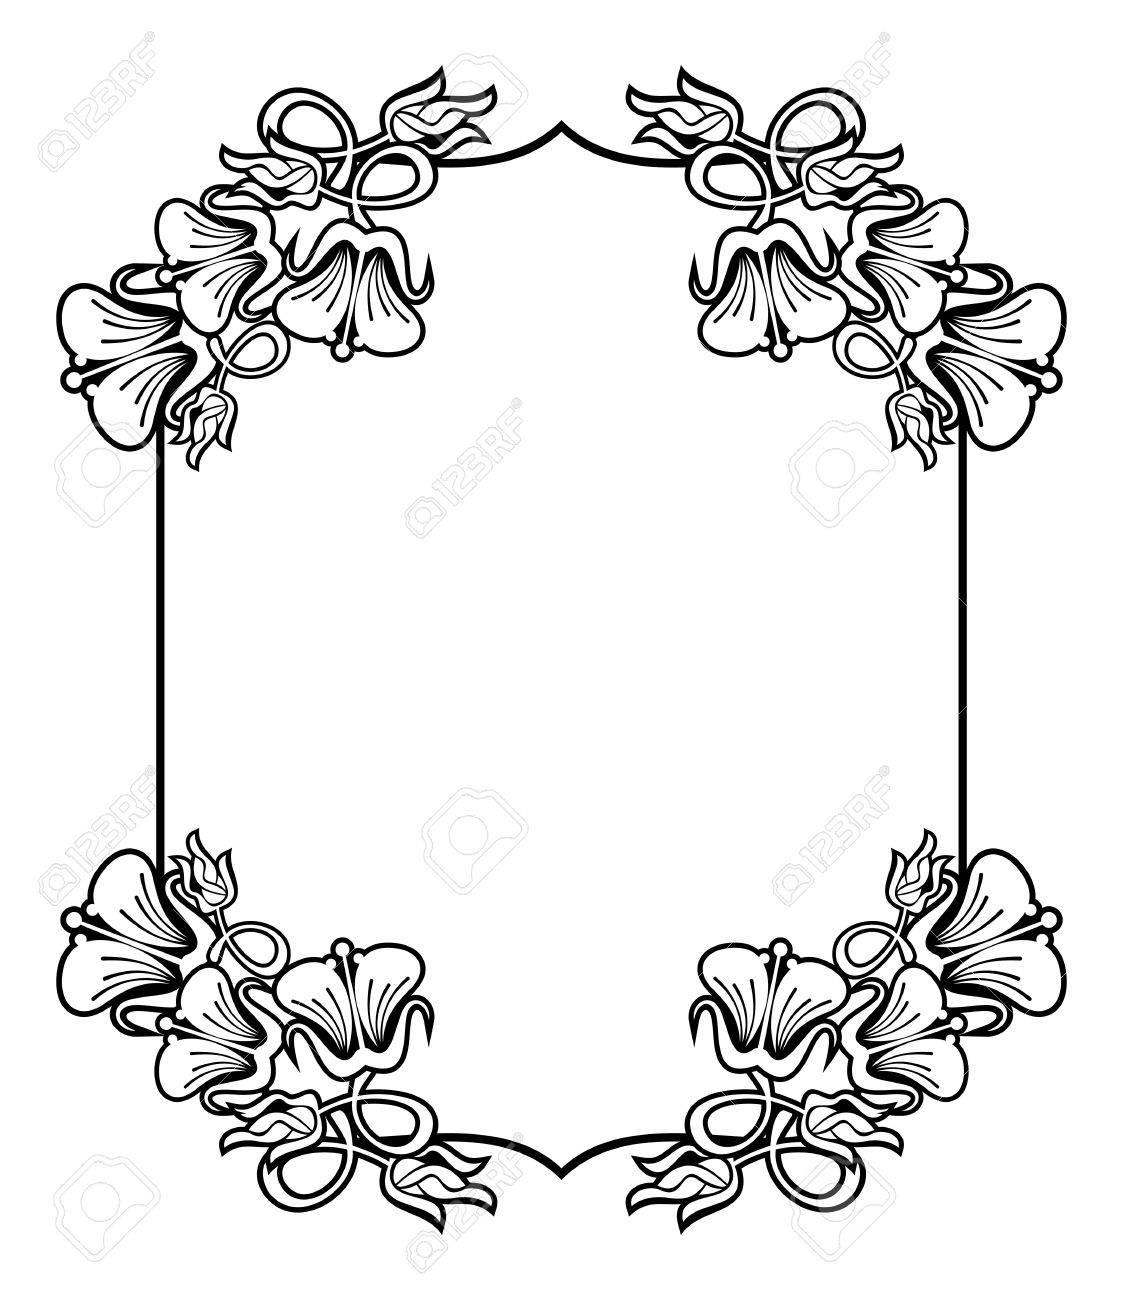 Vertikal Kontur Schwarz Weiss Rahmen Mit Abstrakten Blumen Line Art